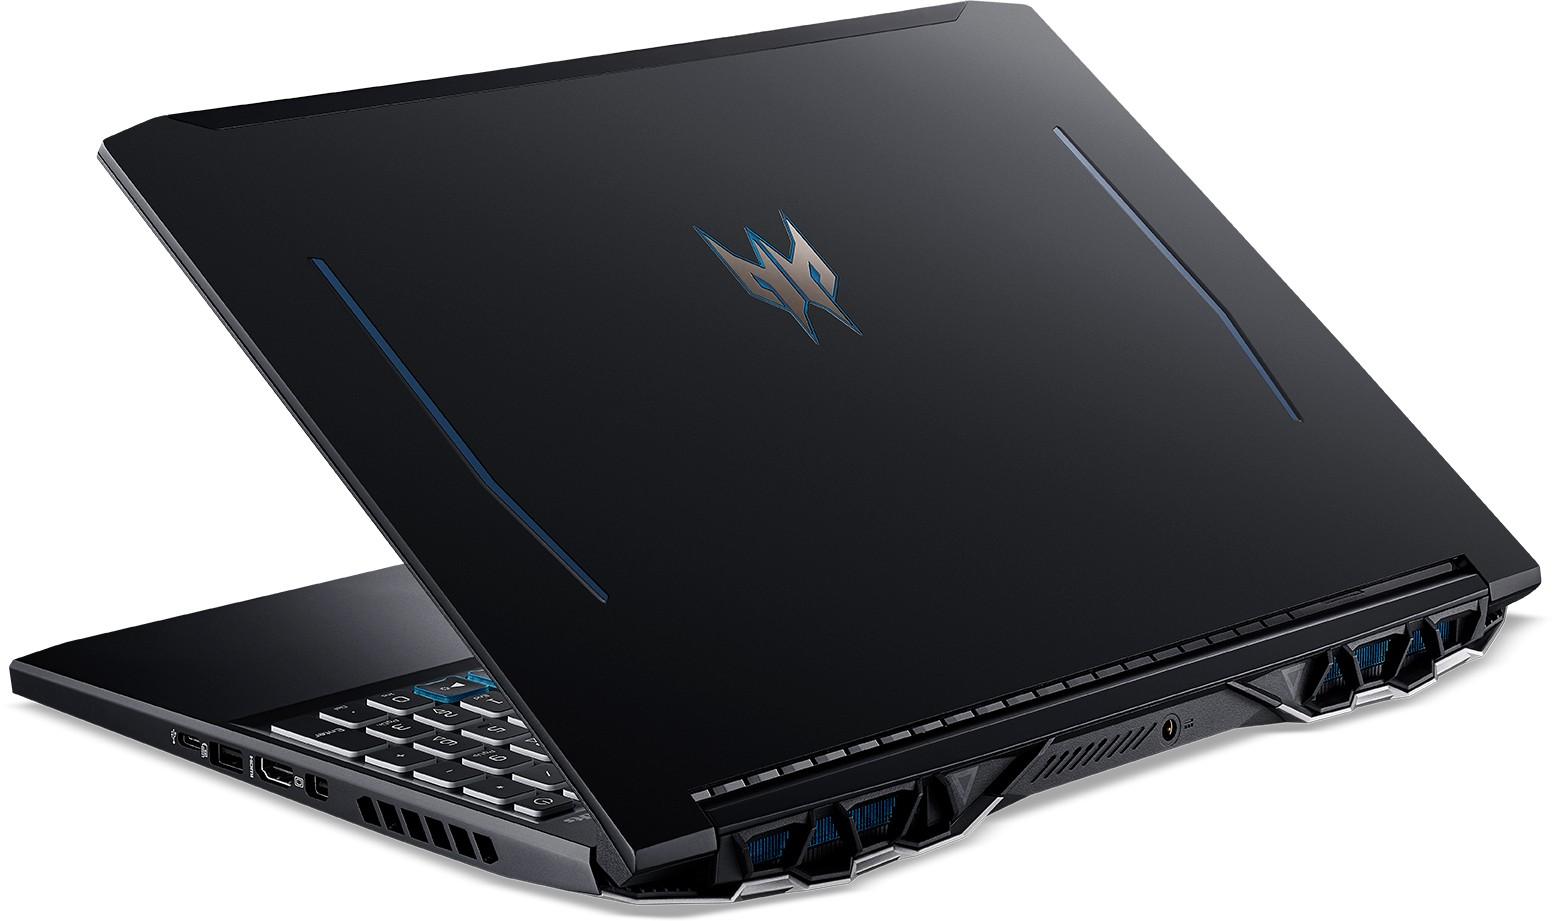 В России анонсировали новый игровой ноутбук Helios 300 от Acer